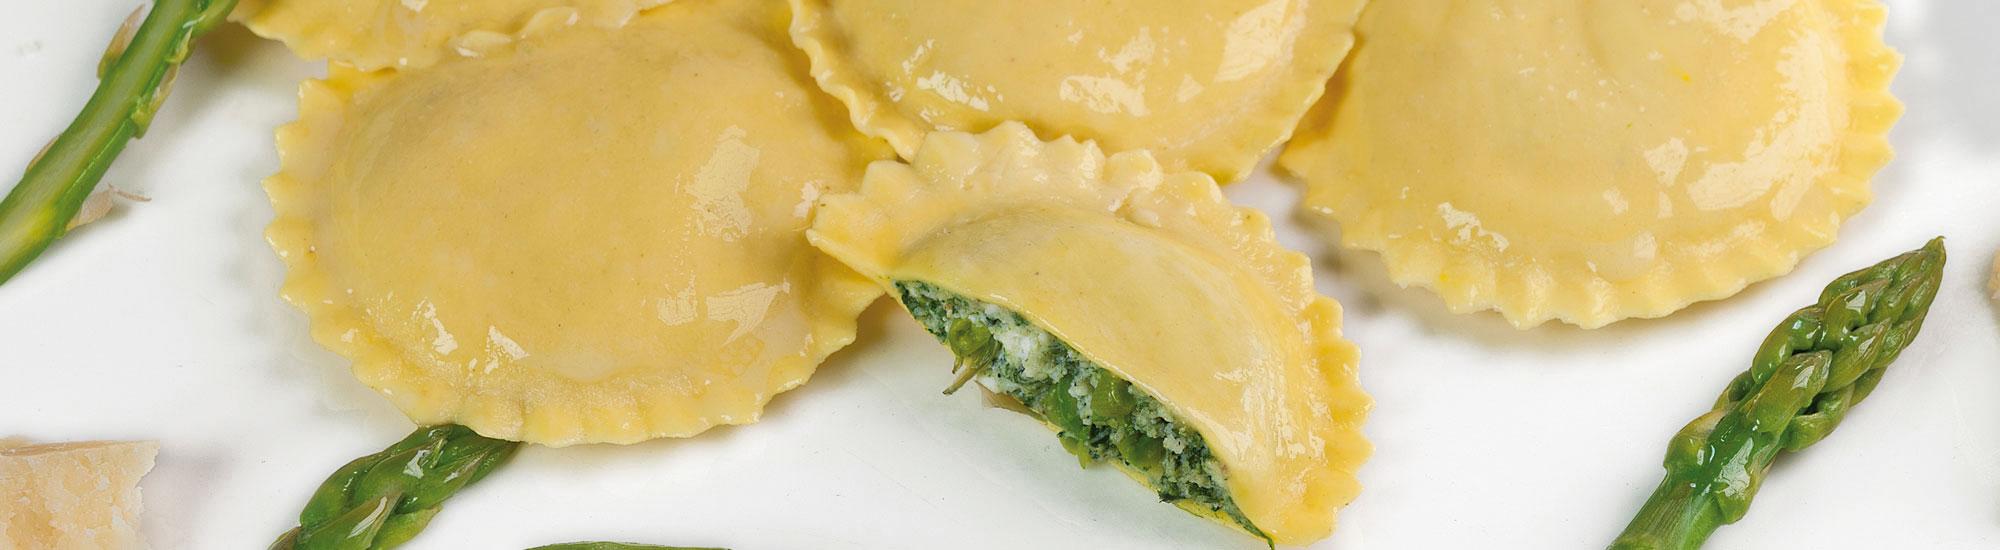 produzione Medaglioni agli asparagi e pecorino con pasta fresca